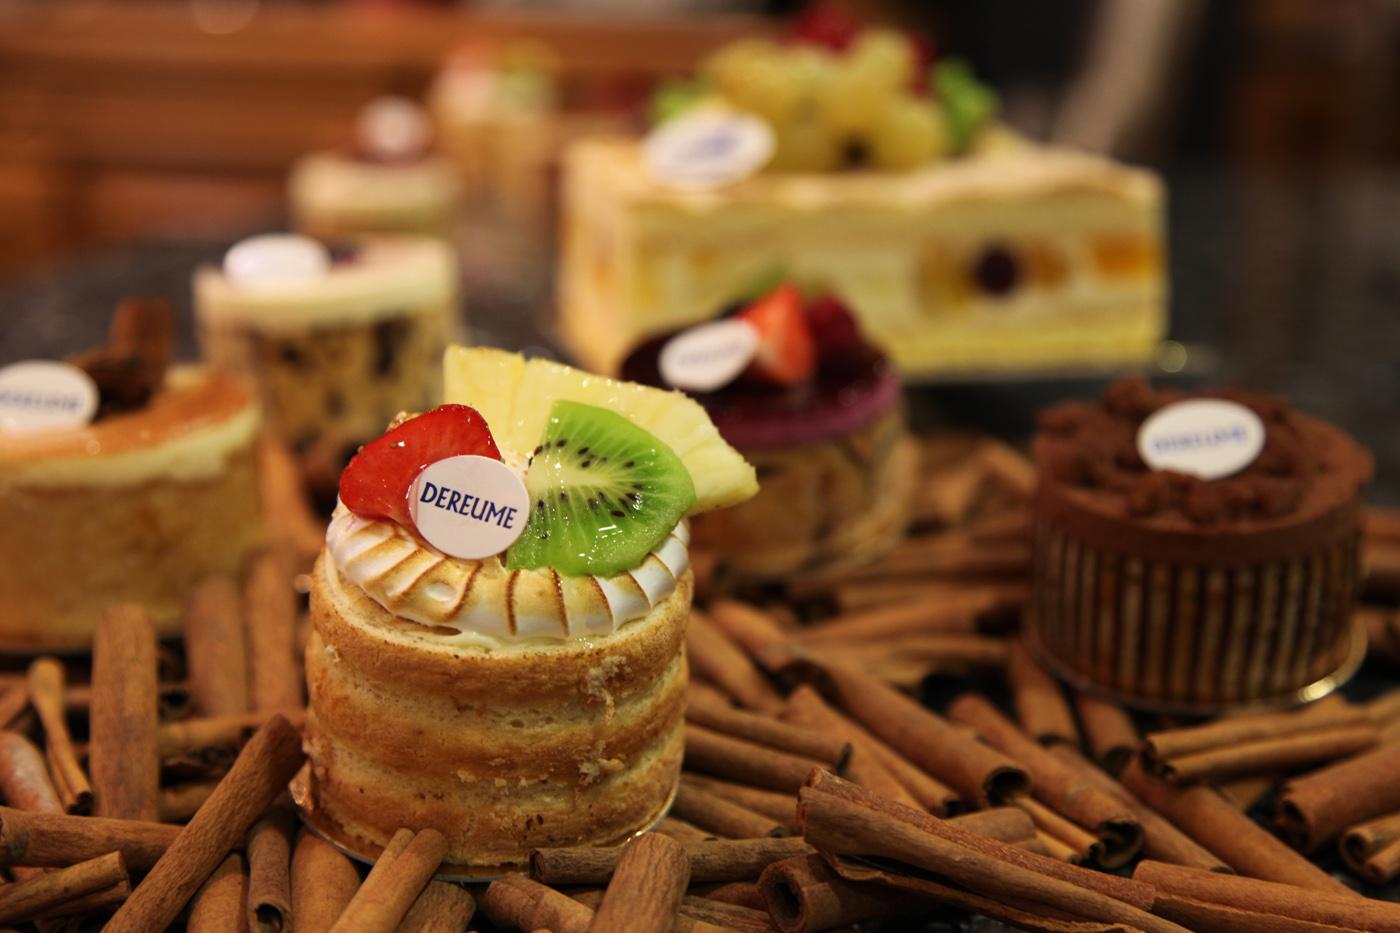 Boulangerie Pâtisserie Dereume - Petits Gâteaux